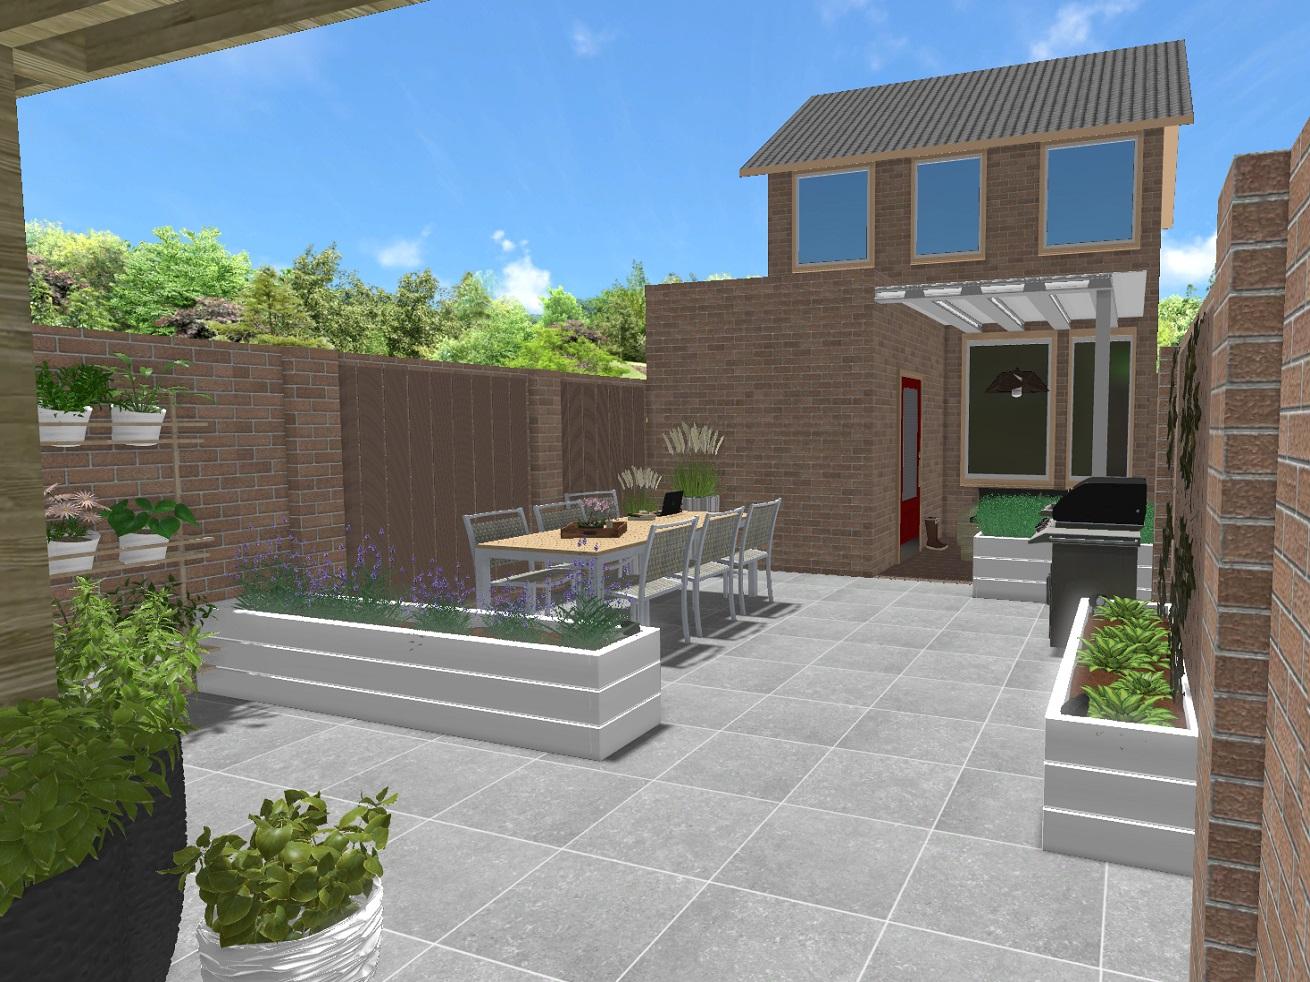 Exclusieve tuinen en levensechte 3d ontwerpen √ bijzonder en eigentijds